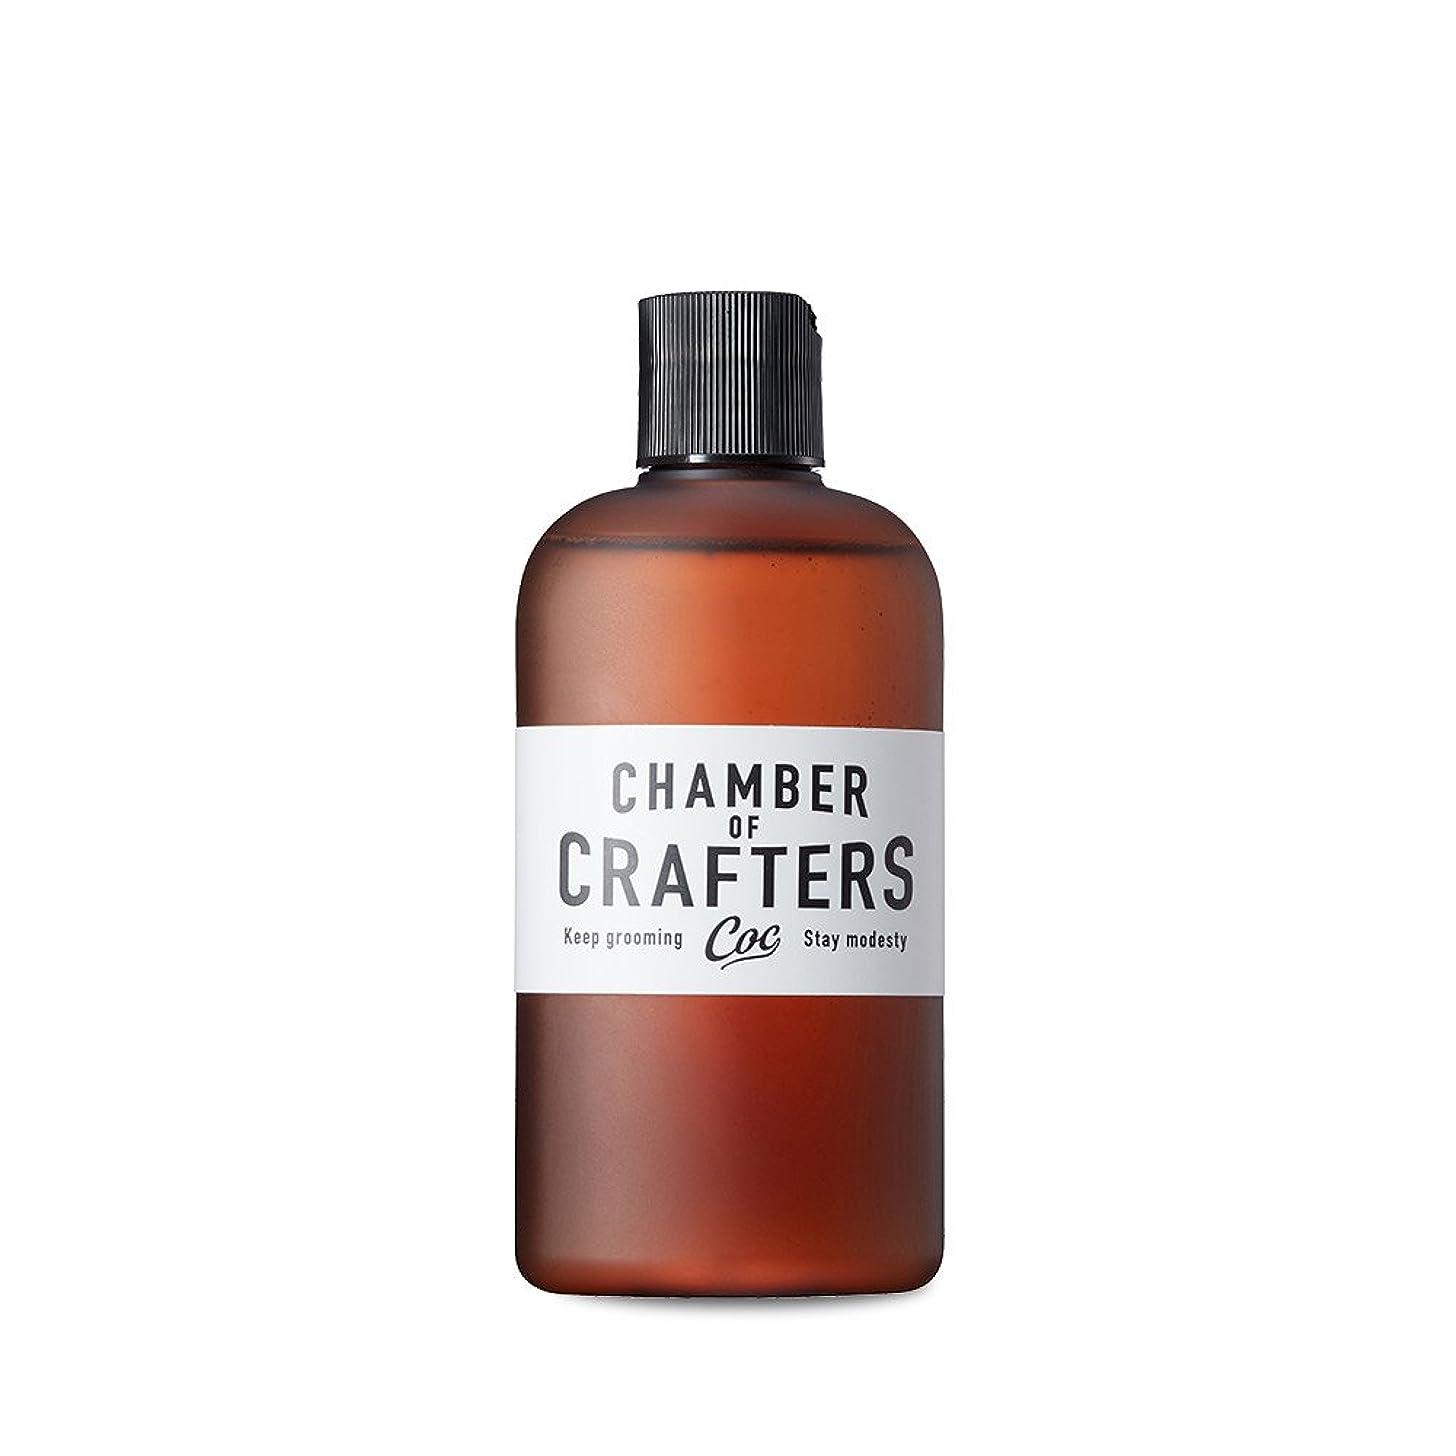 とげのある時計回り不運CHAMBER OF CRAFTERS チェンバーオブクラフターズ スキンローション 化粧水 180mL